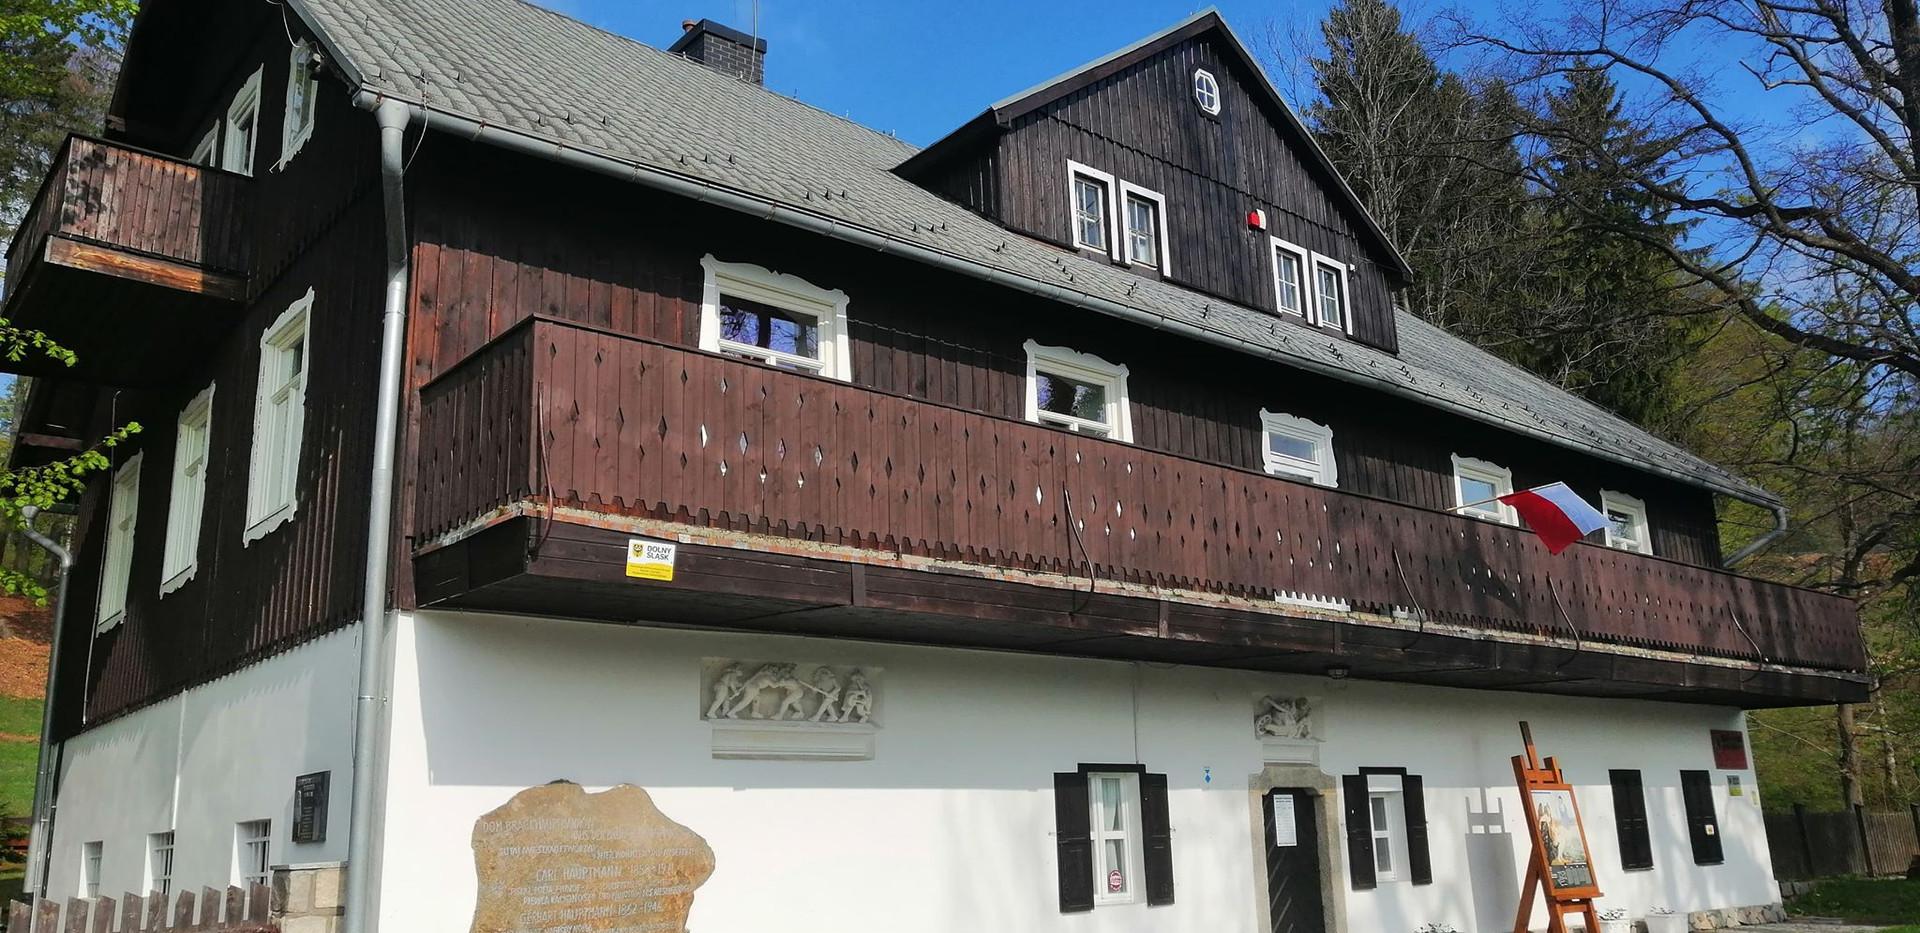 Carl-Hauptmann-Haus